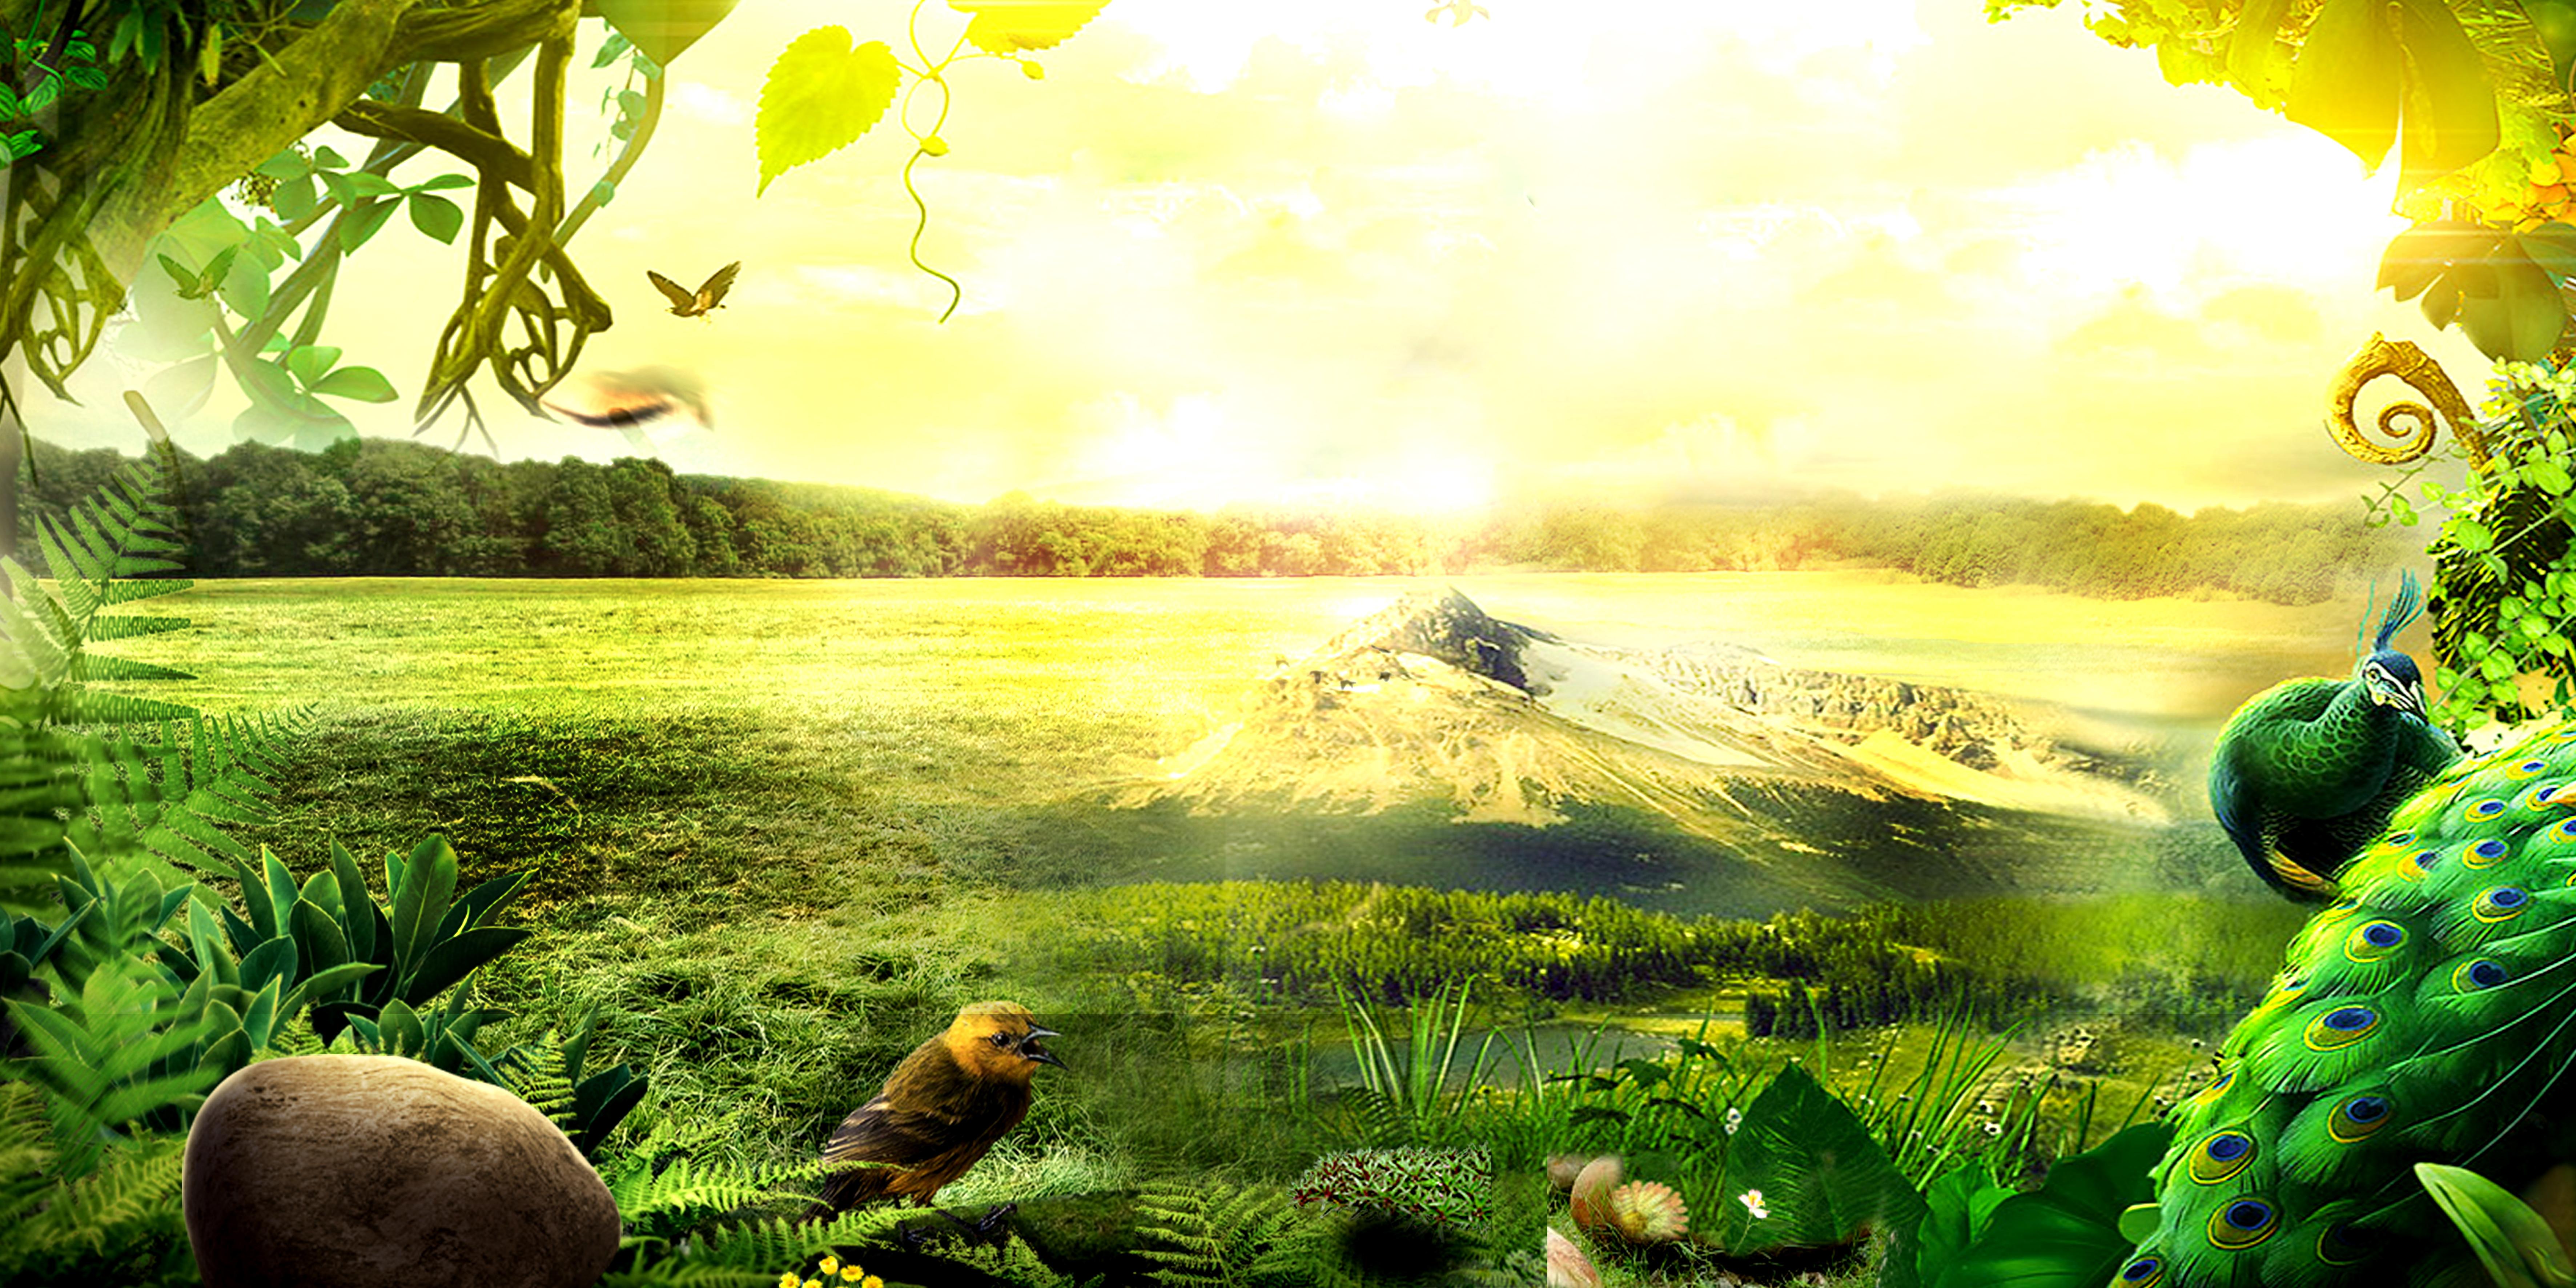 le paysage domaine meadow rural contexte sky l u0026 39 agriculture